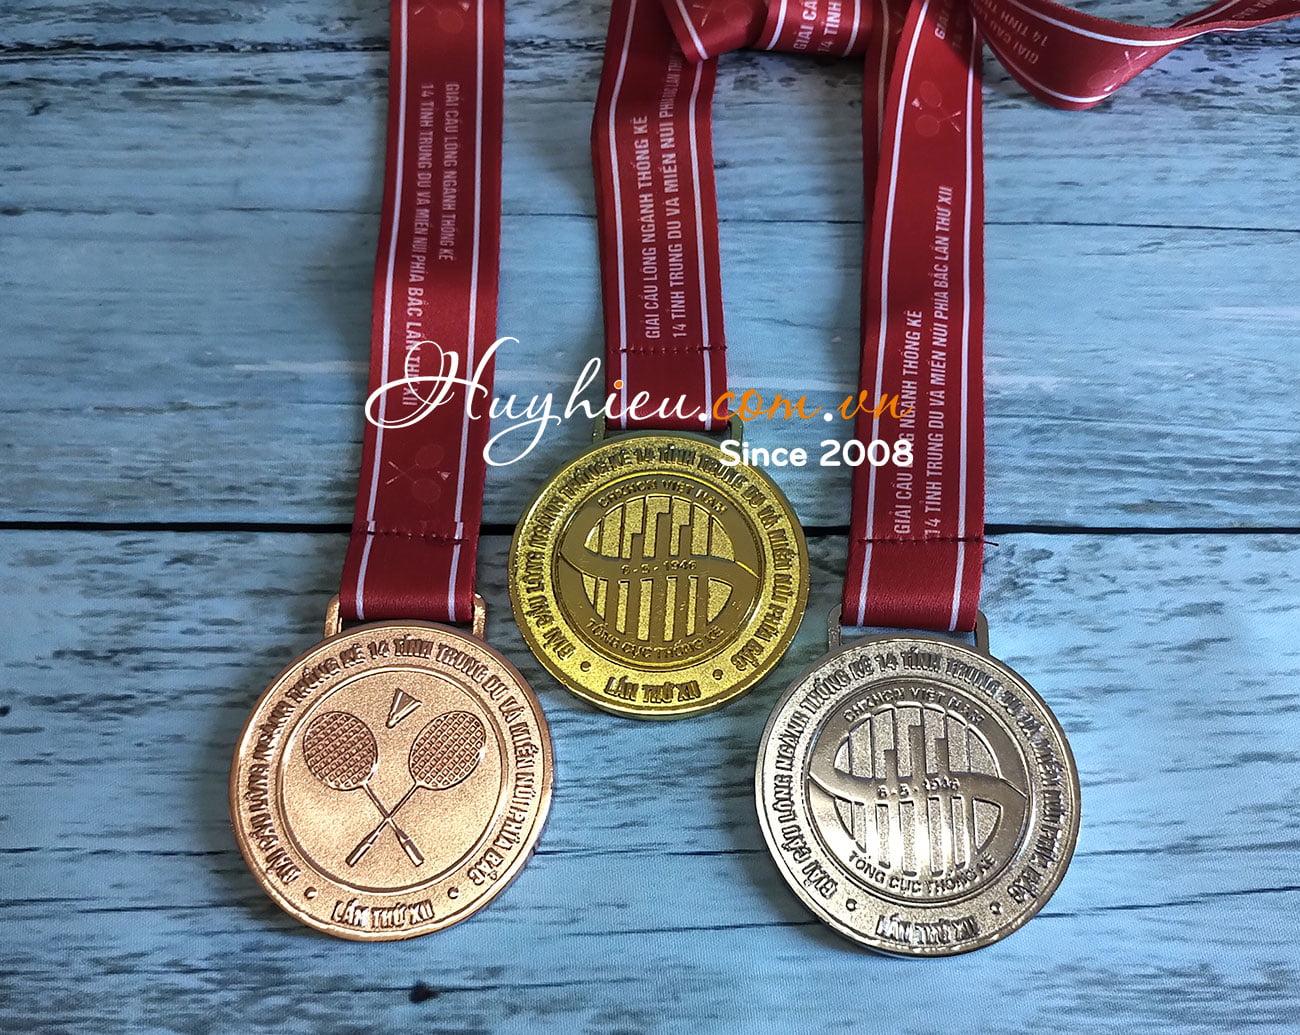 Huy chương thể thao 35